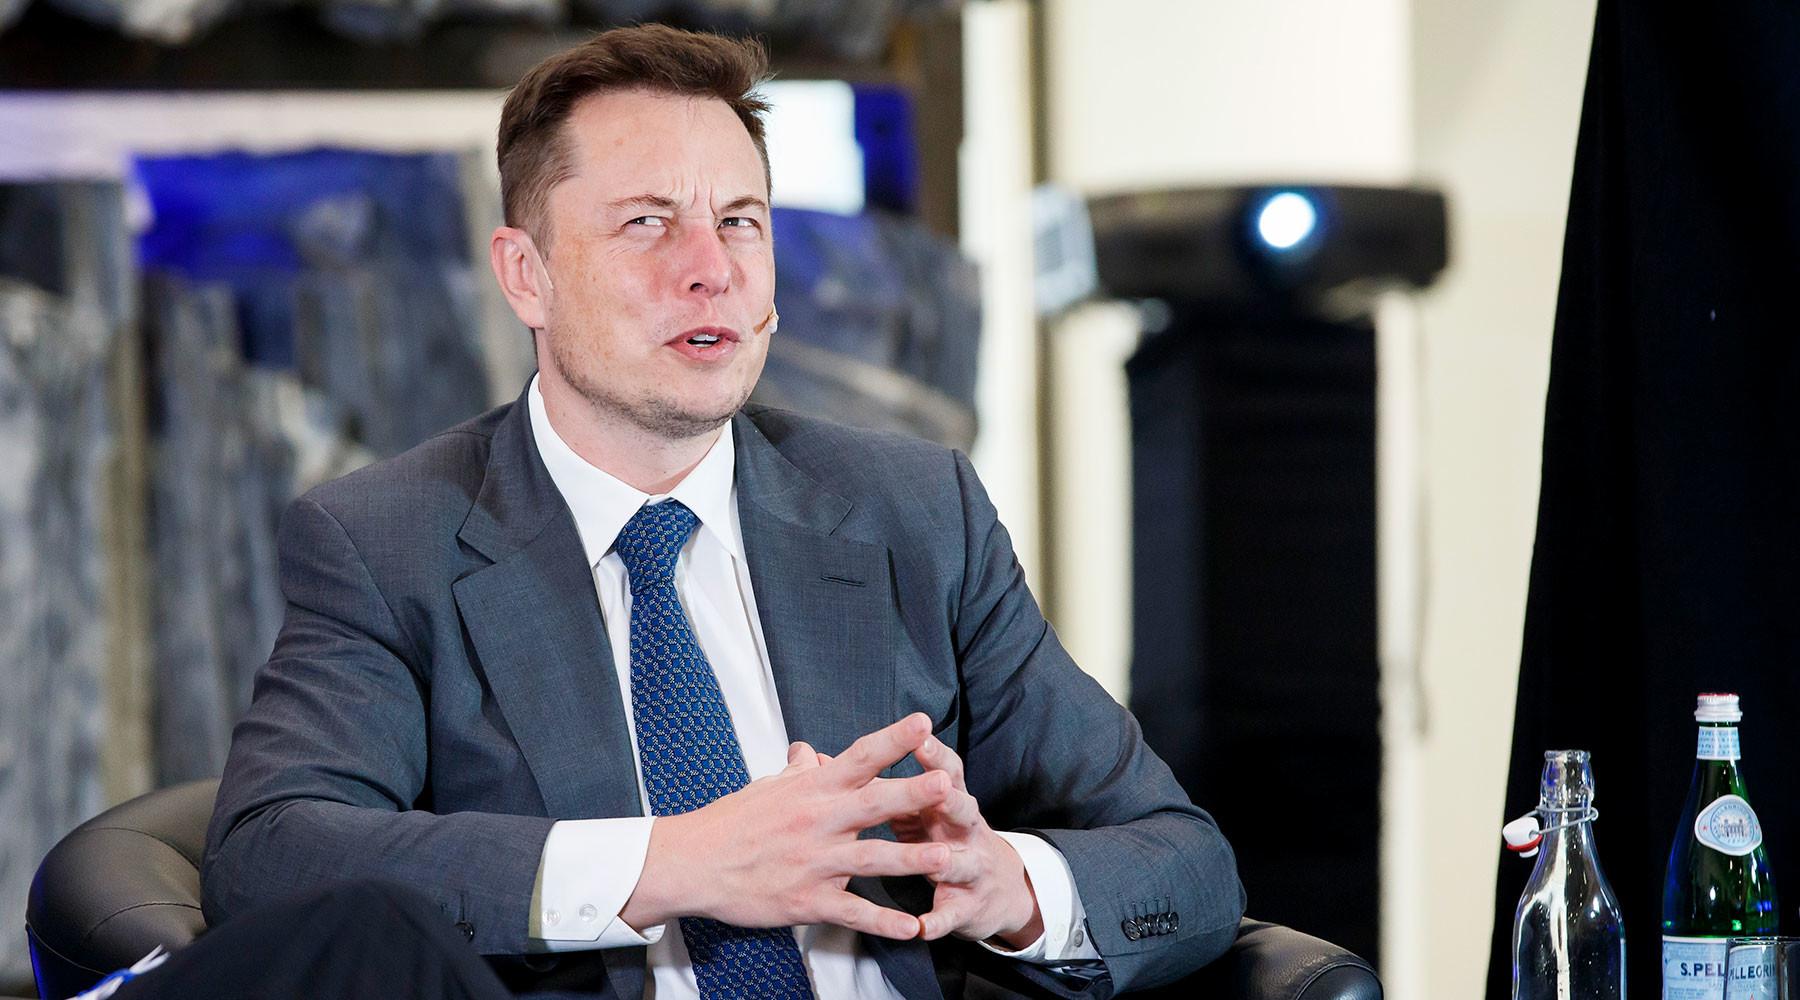 глава SpaceX назвал возможную причину начала третьей мировой войны»